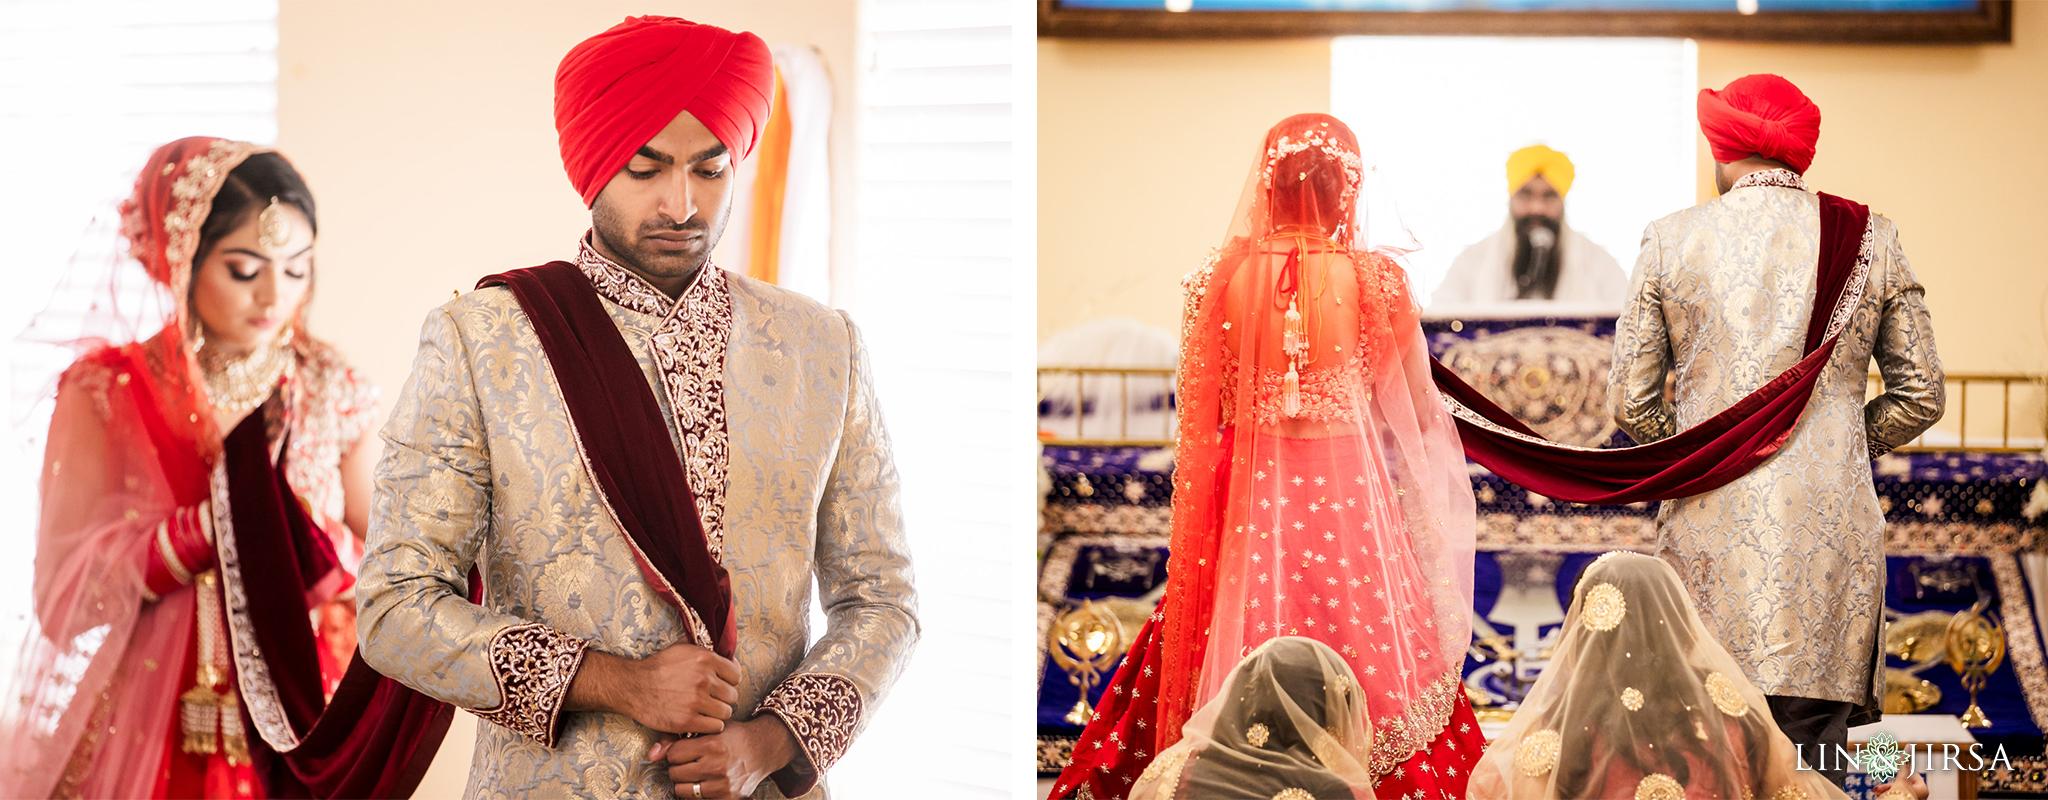 24 Sikh Gurdwara San Jose Punjabi Indian Wedding Photography